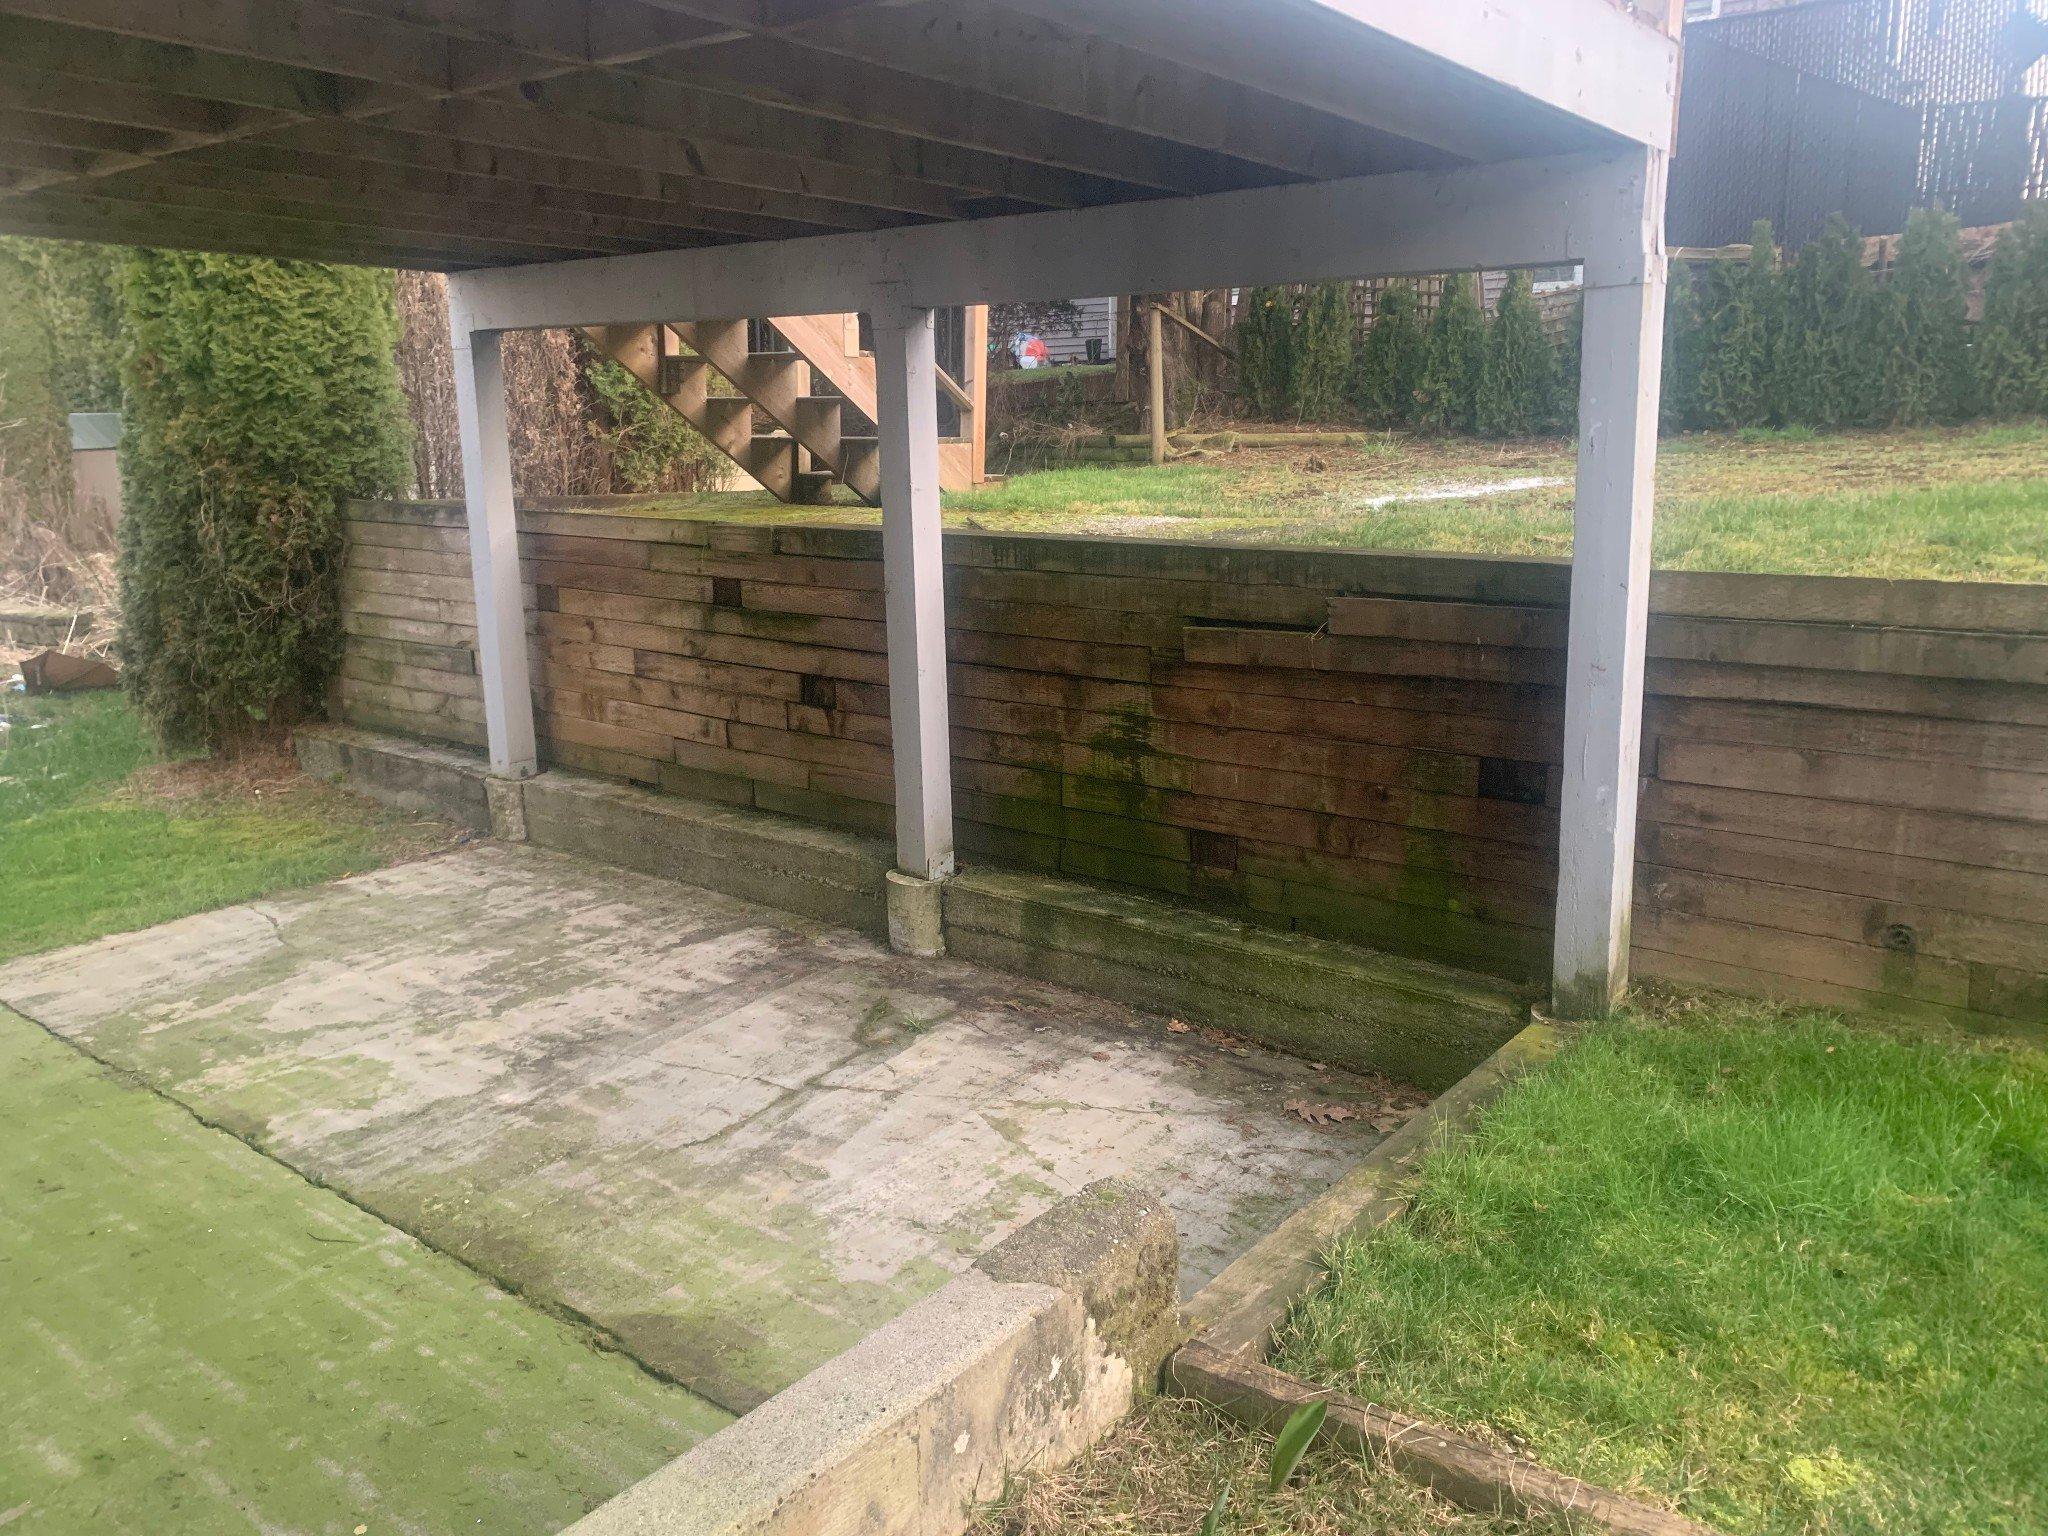 Photo 14: Photos: BSMT 1686 McKenzie Rd. in Abbotsford: Poplar Condo for rent